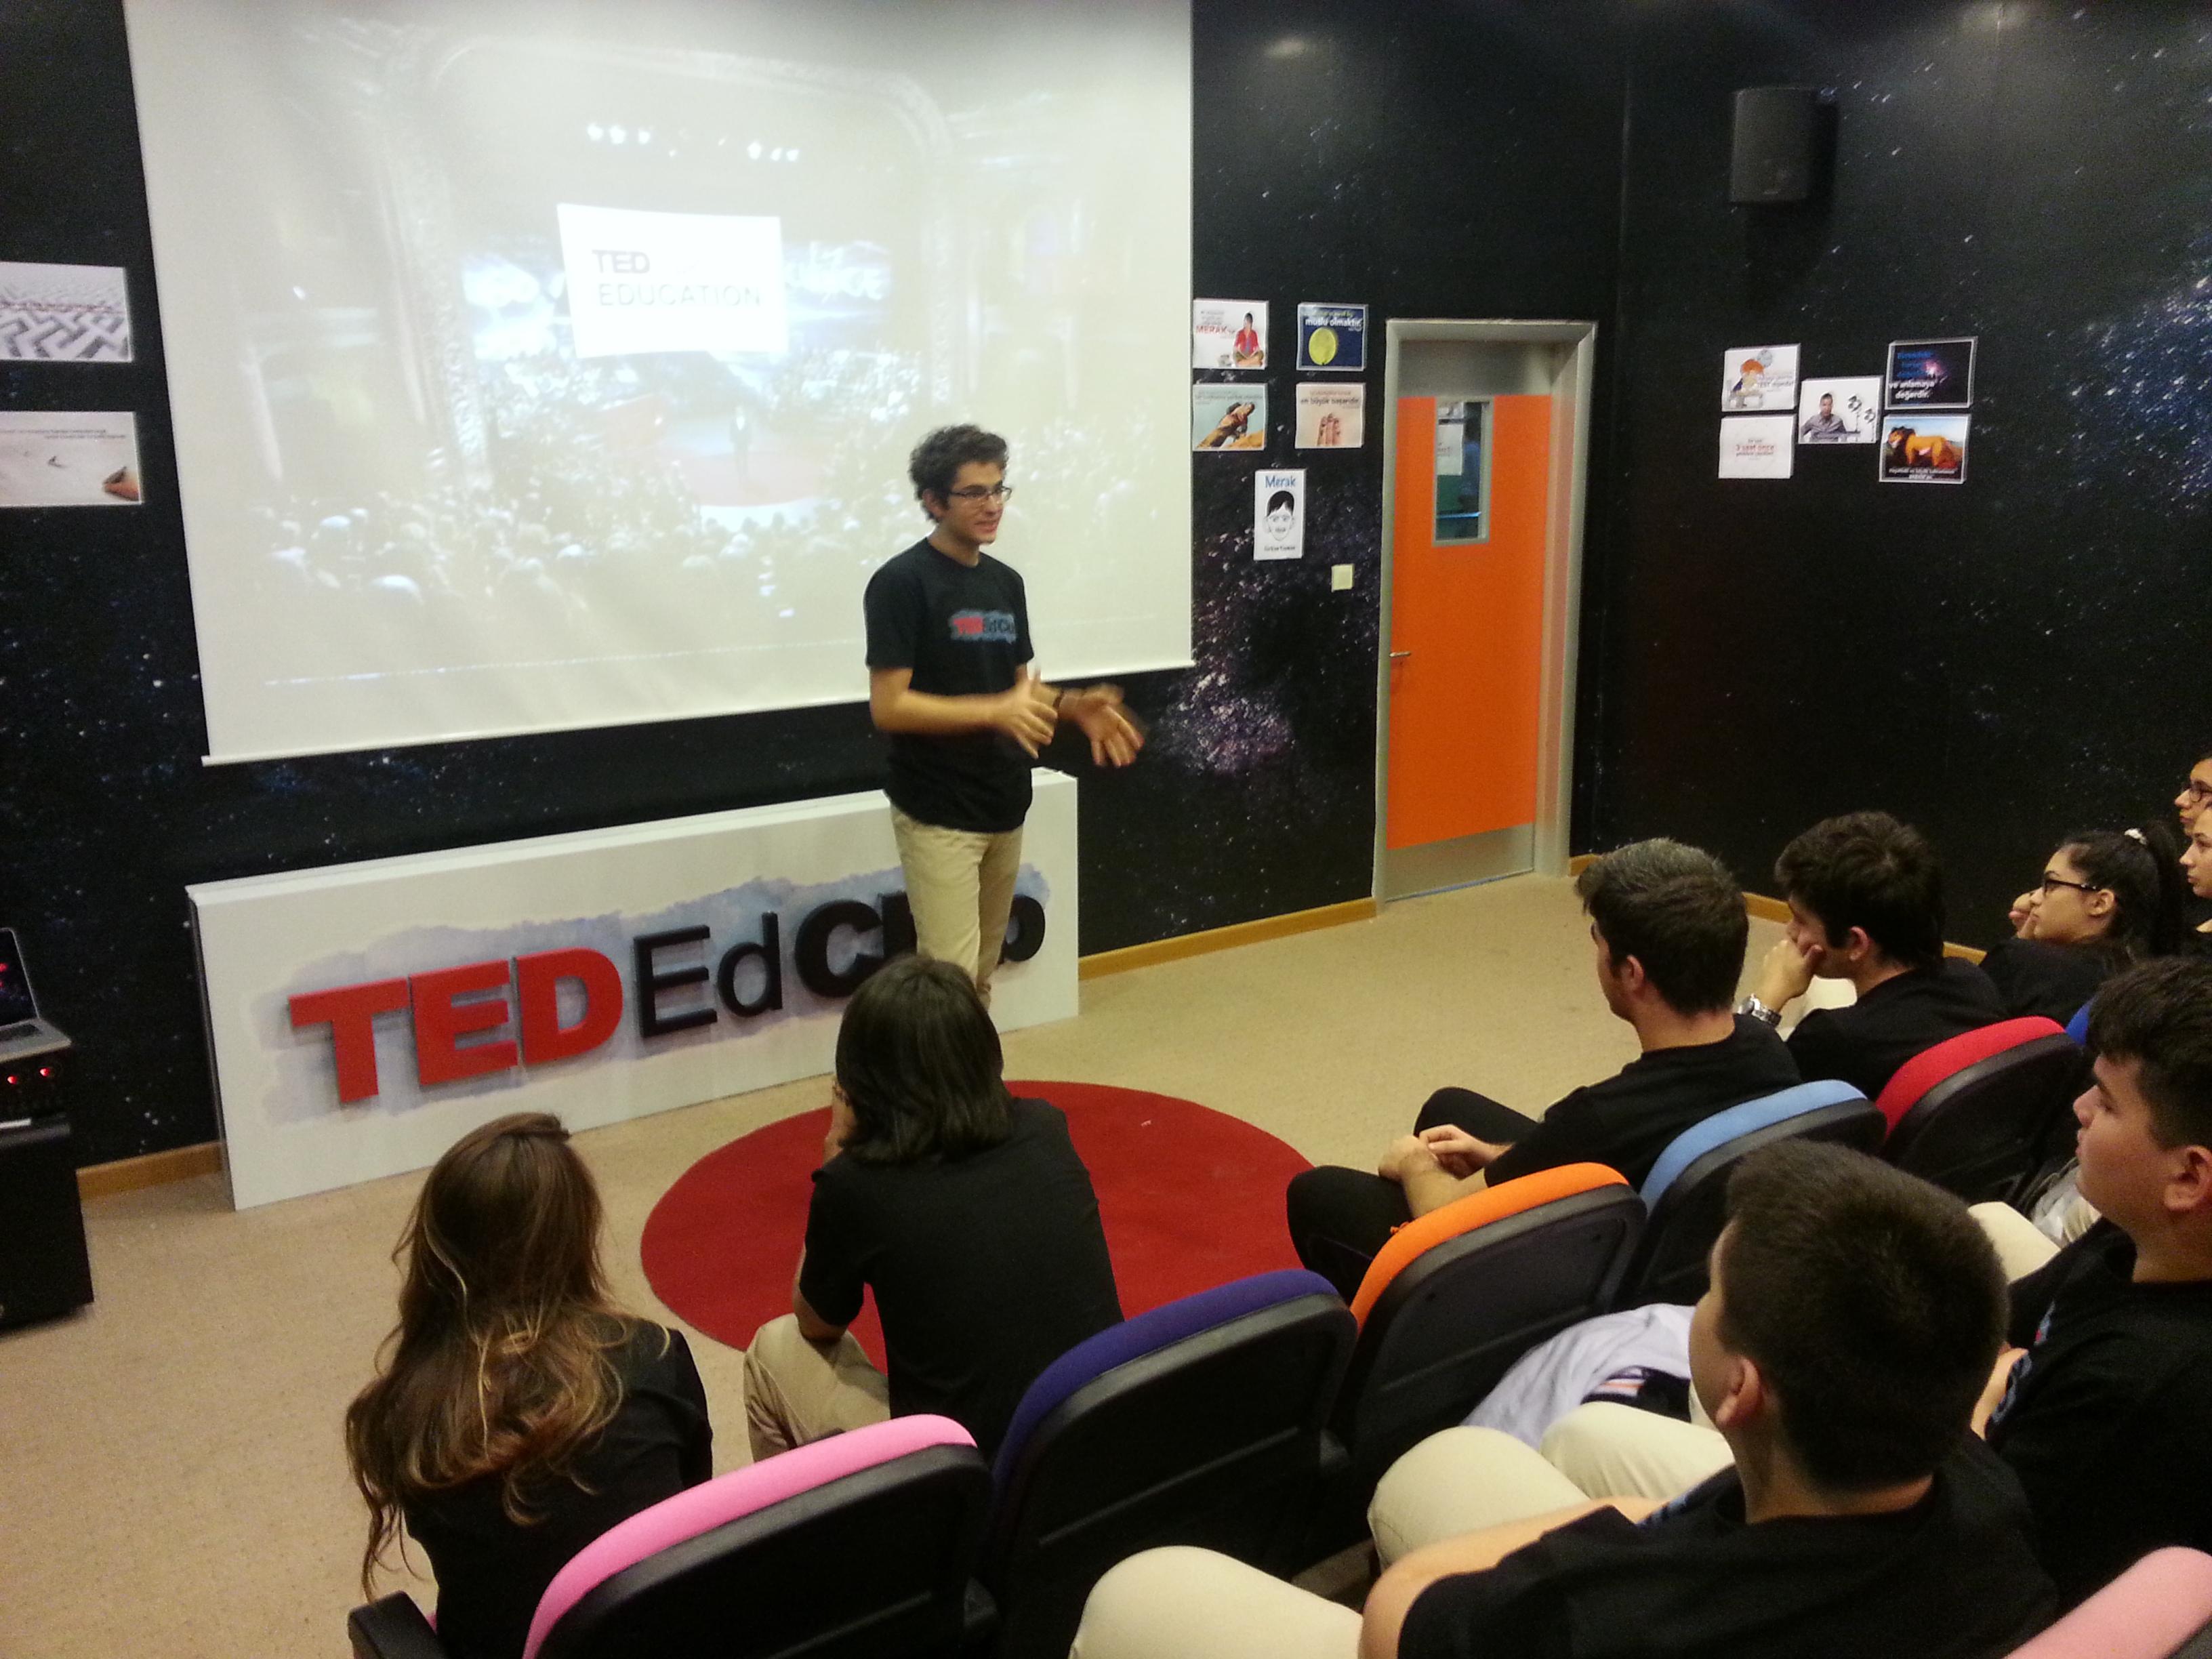 TEDEd Kulübü ile Okulunuzda Yeni Bir Öğrenme Kültürü Oluşturun